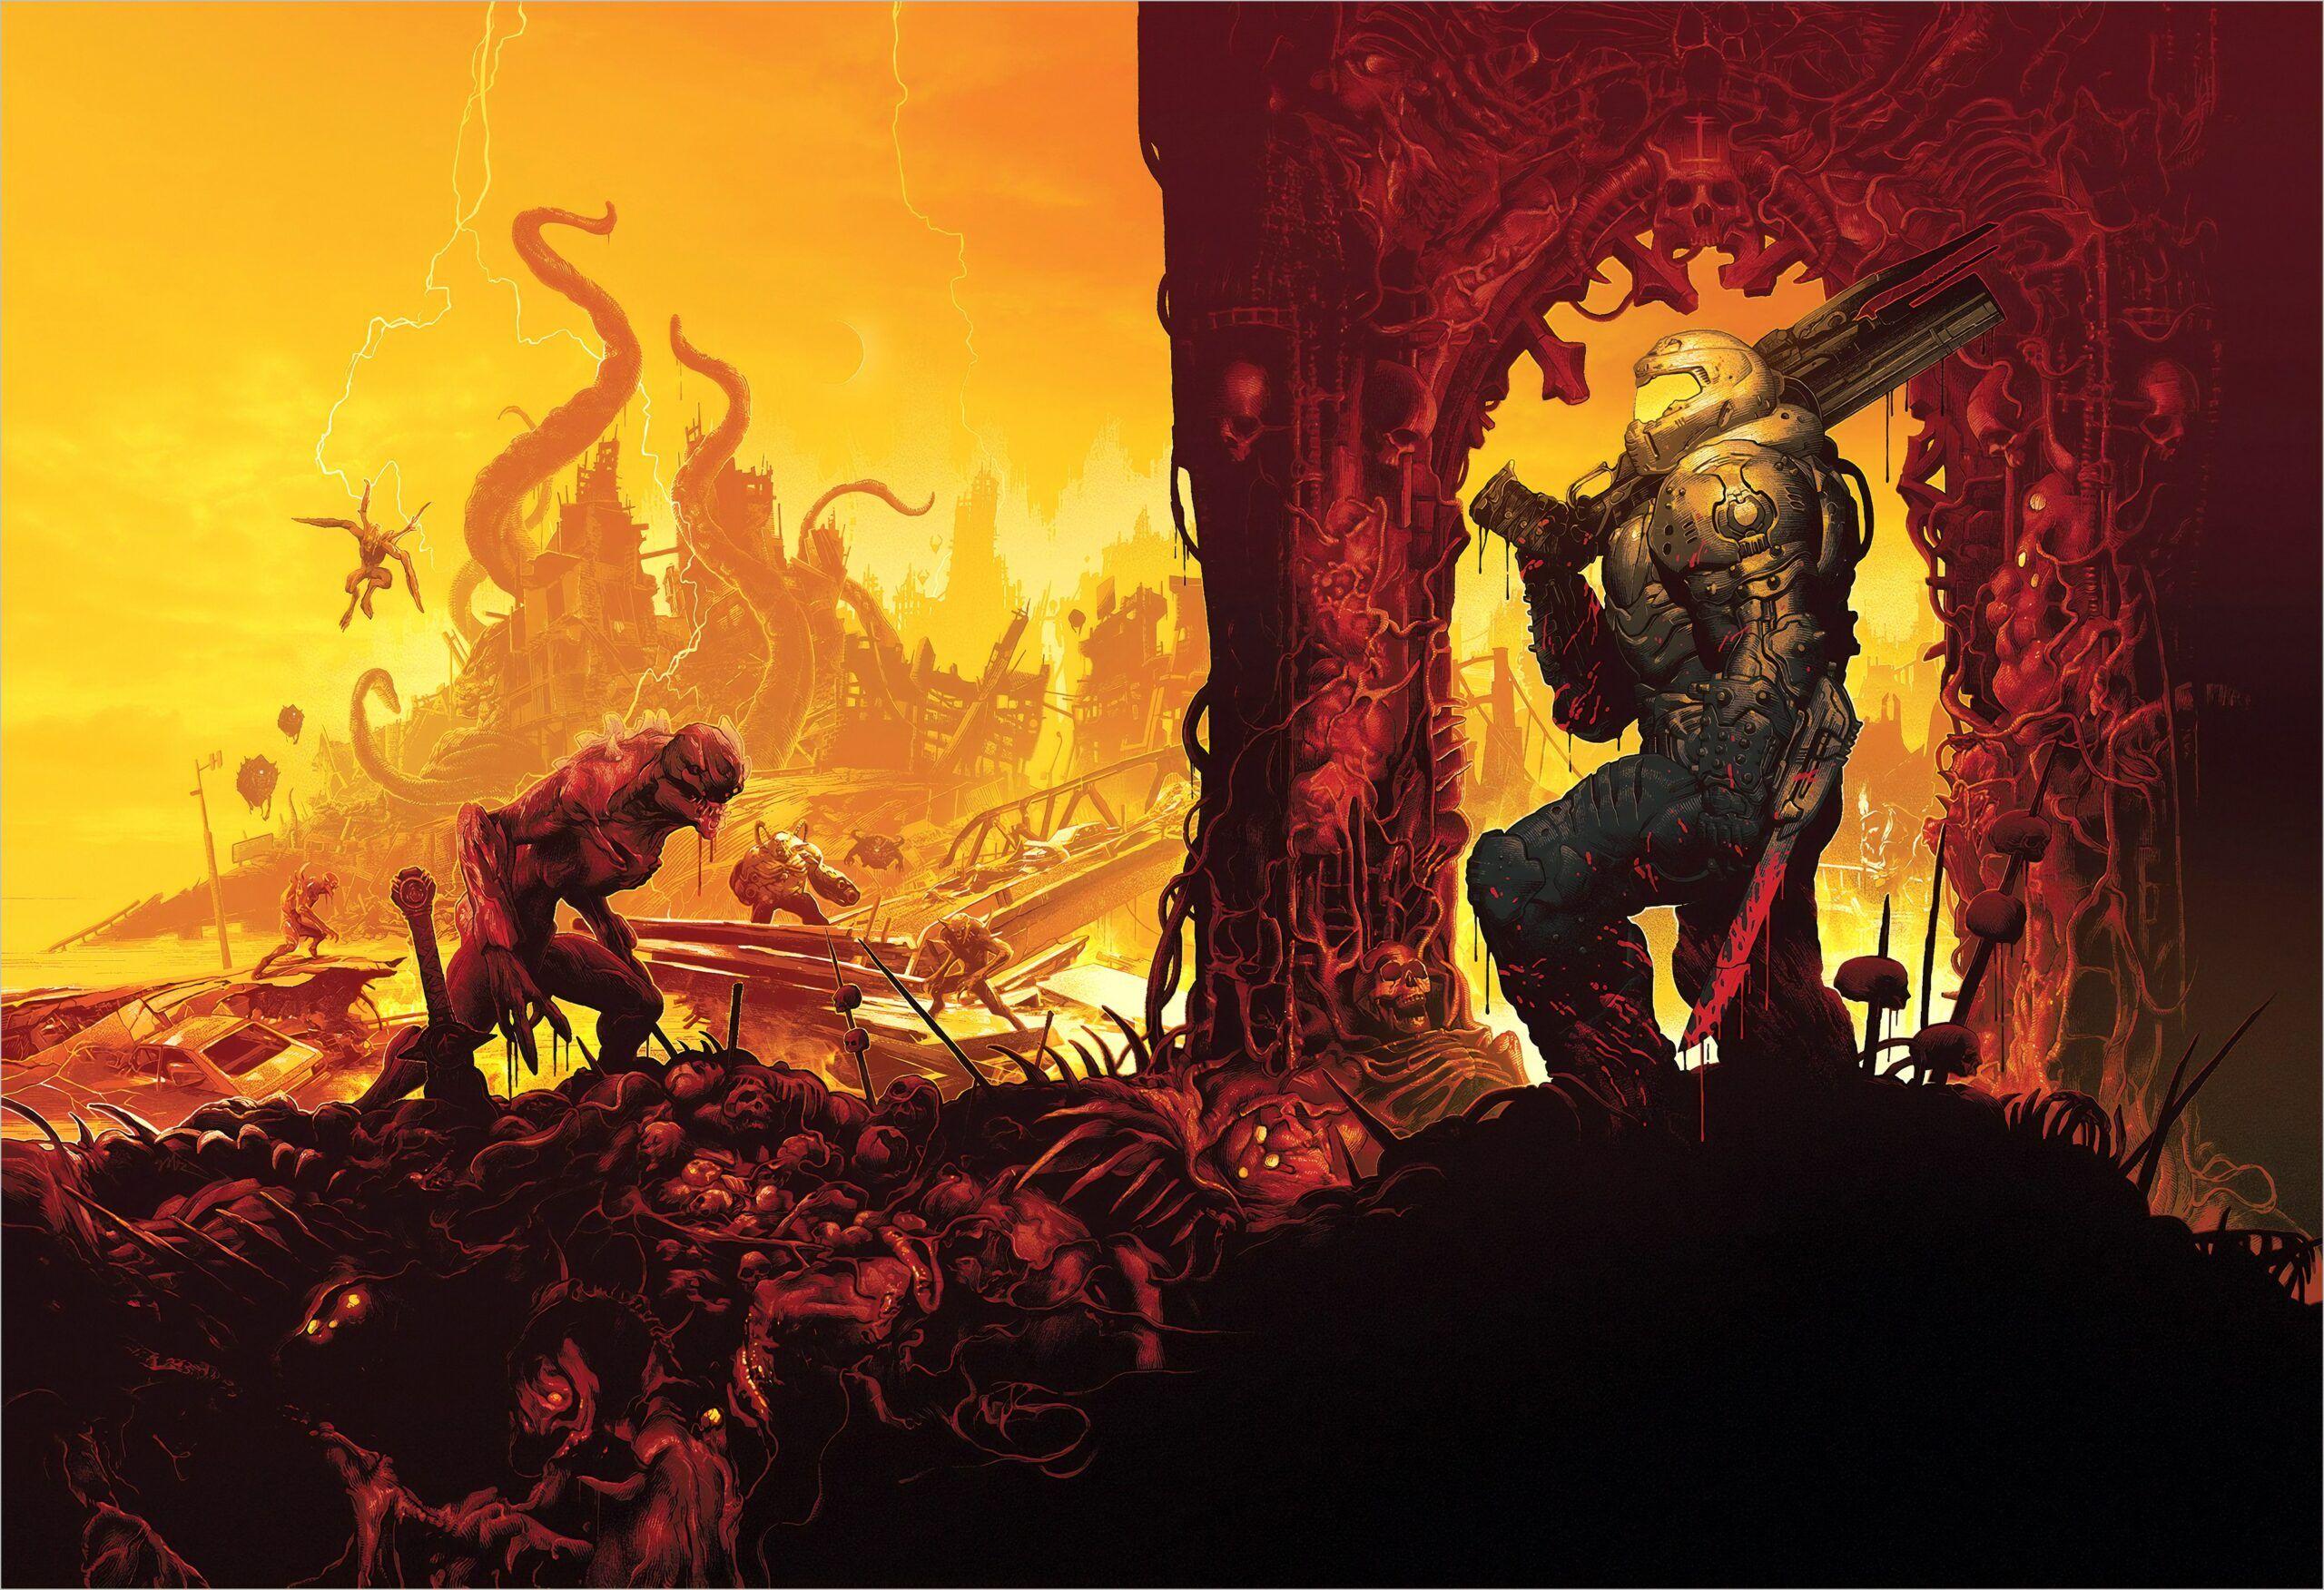 Doom Eternal Wallpapers 4k In 2020 Doom Videogame Doom Doom Game